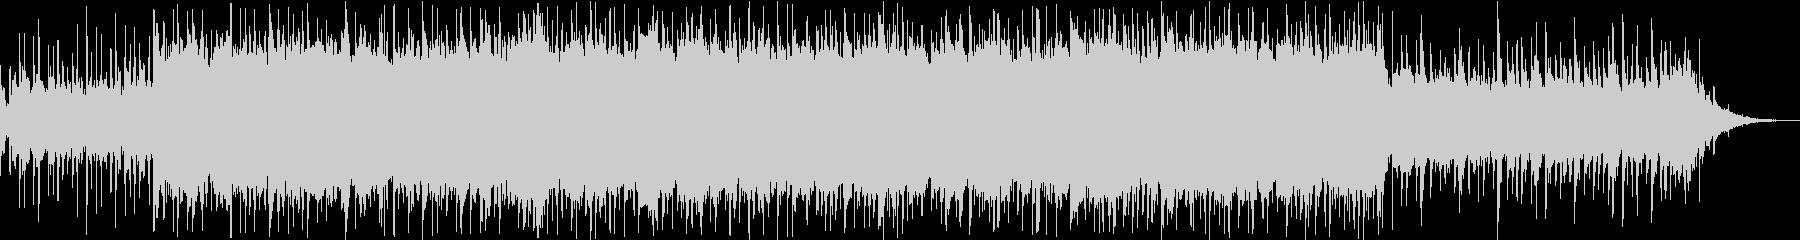 柔らかい雰囲気のテクノポップ(ver2)の未再生の波形